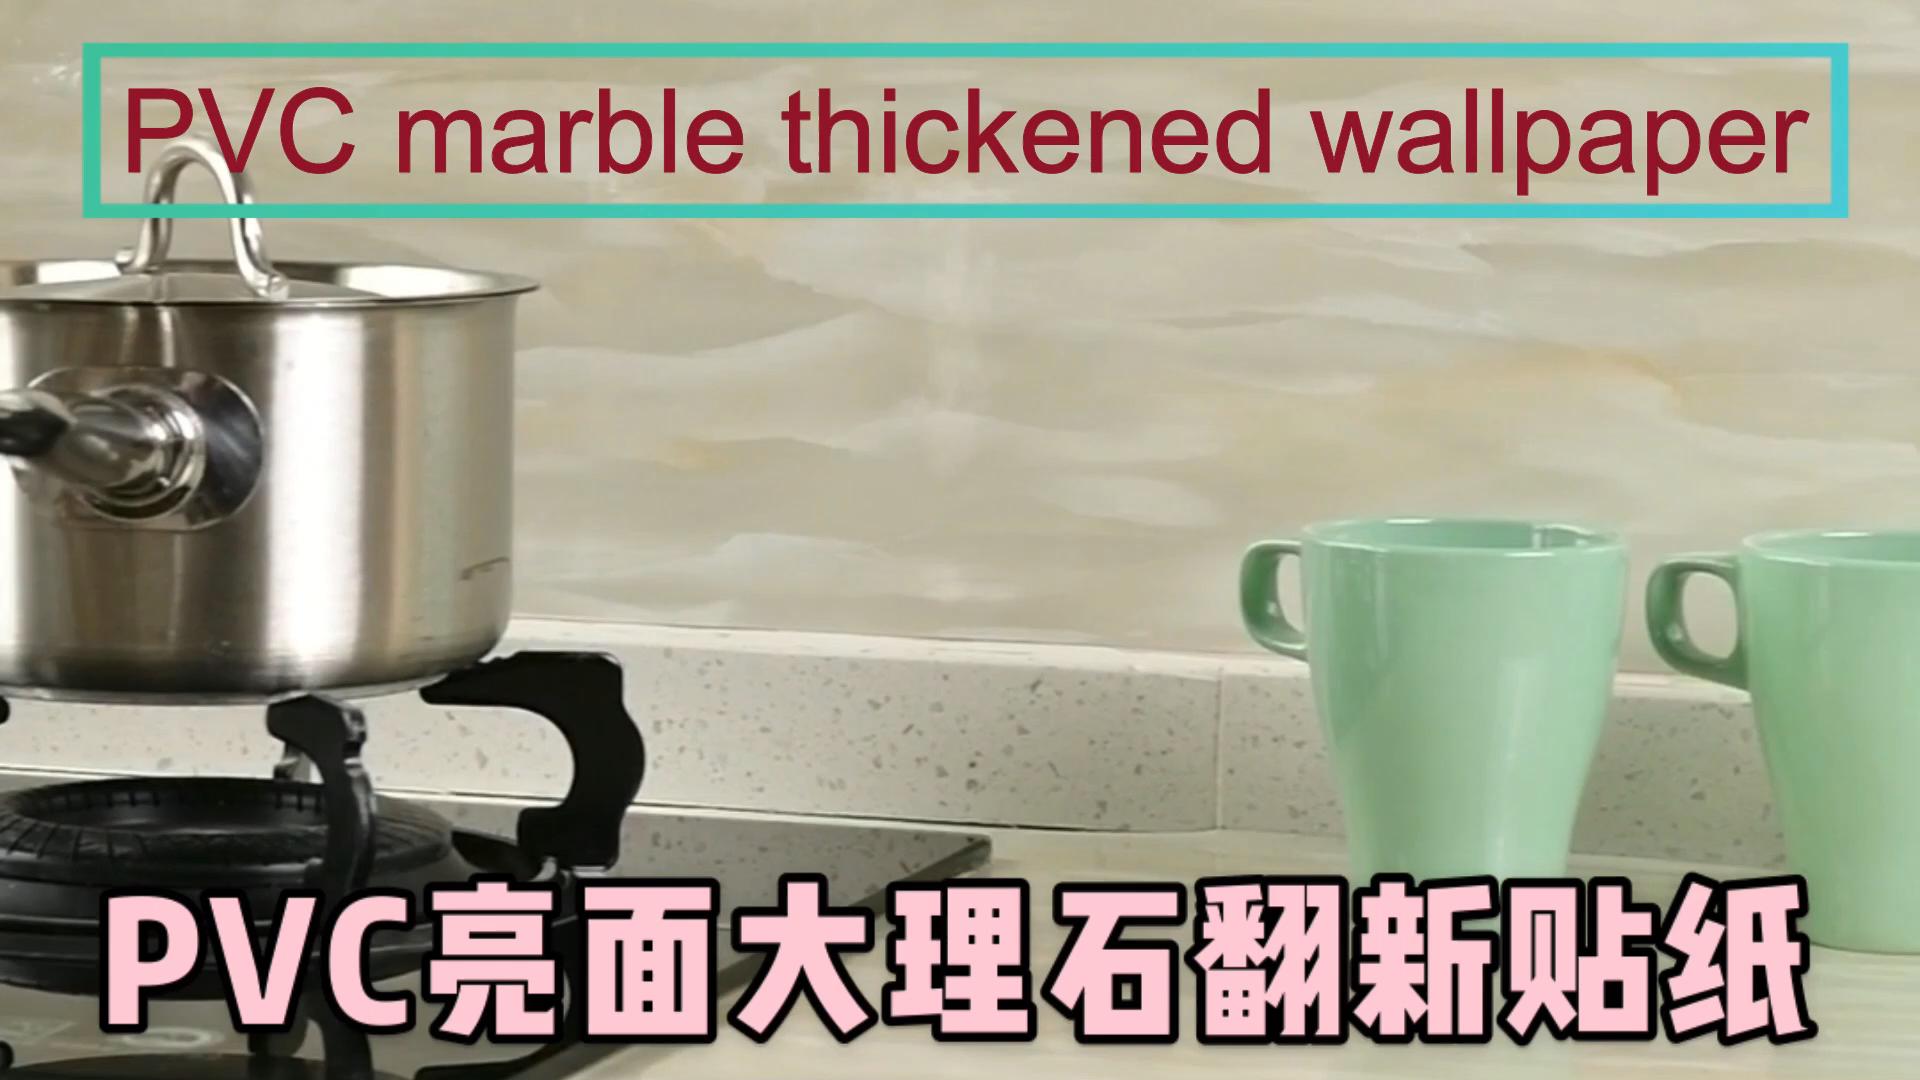 Épaisseur imperméable 0.36mm Décoration Murale Auto-Adhésif PVC Cuisine Papier Peint En Marbre